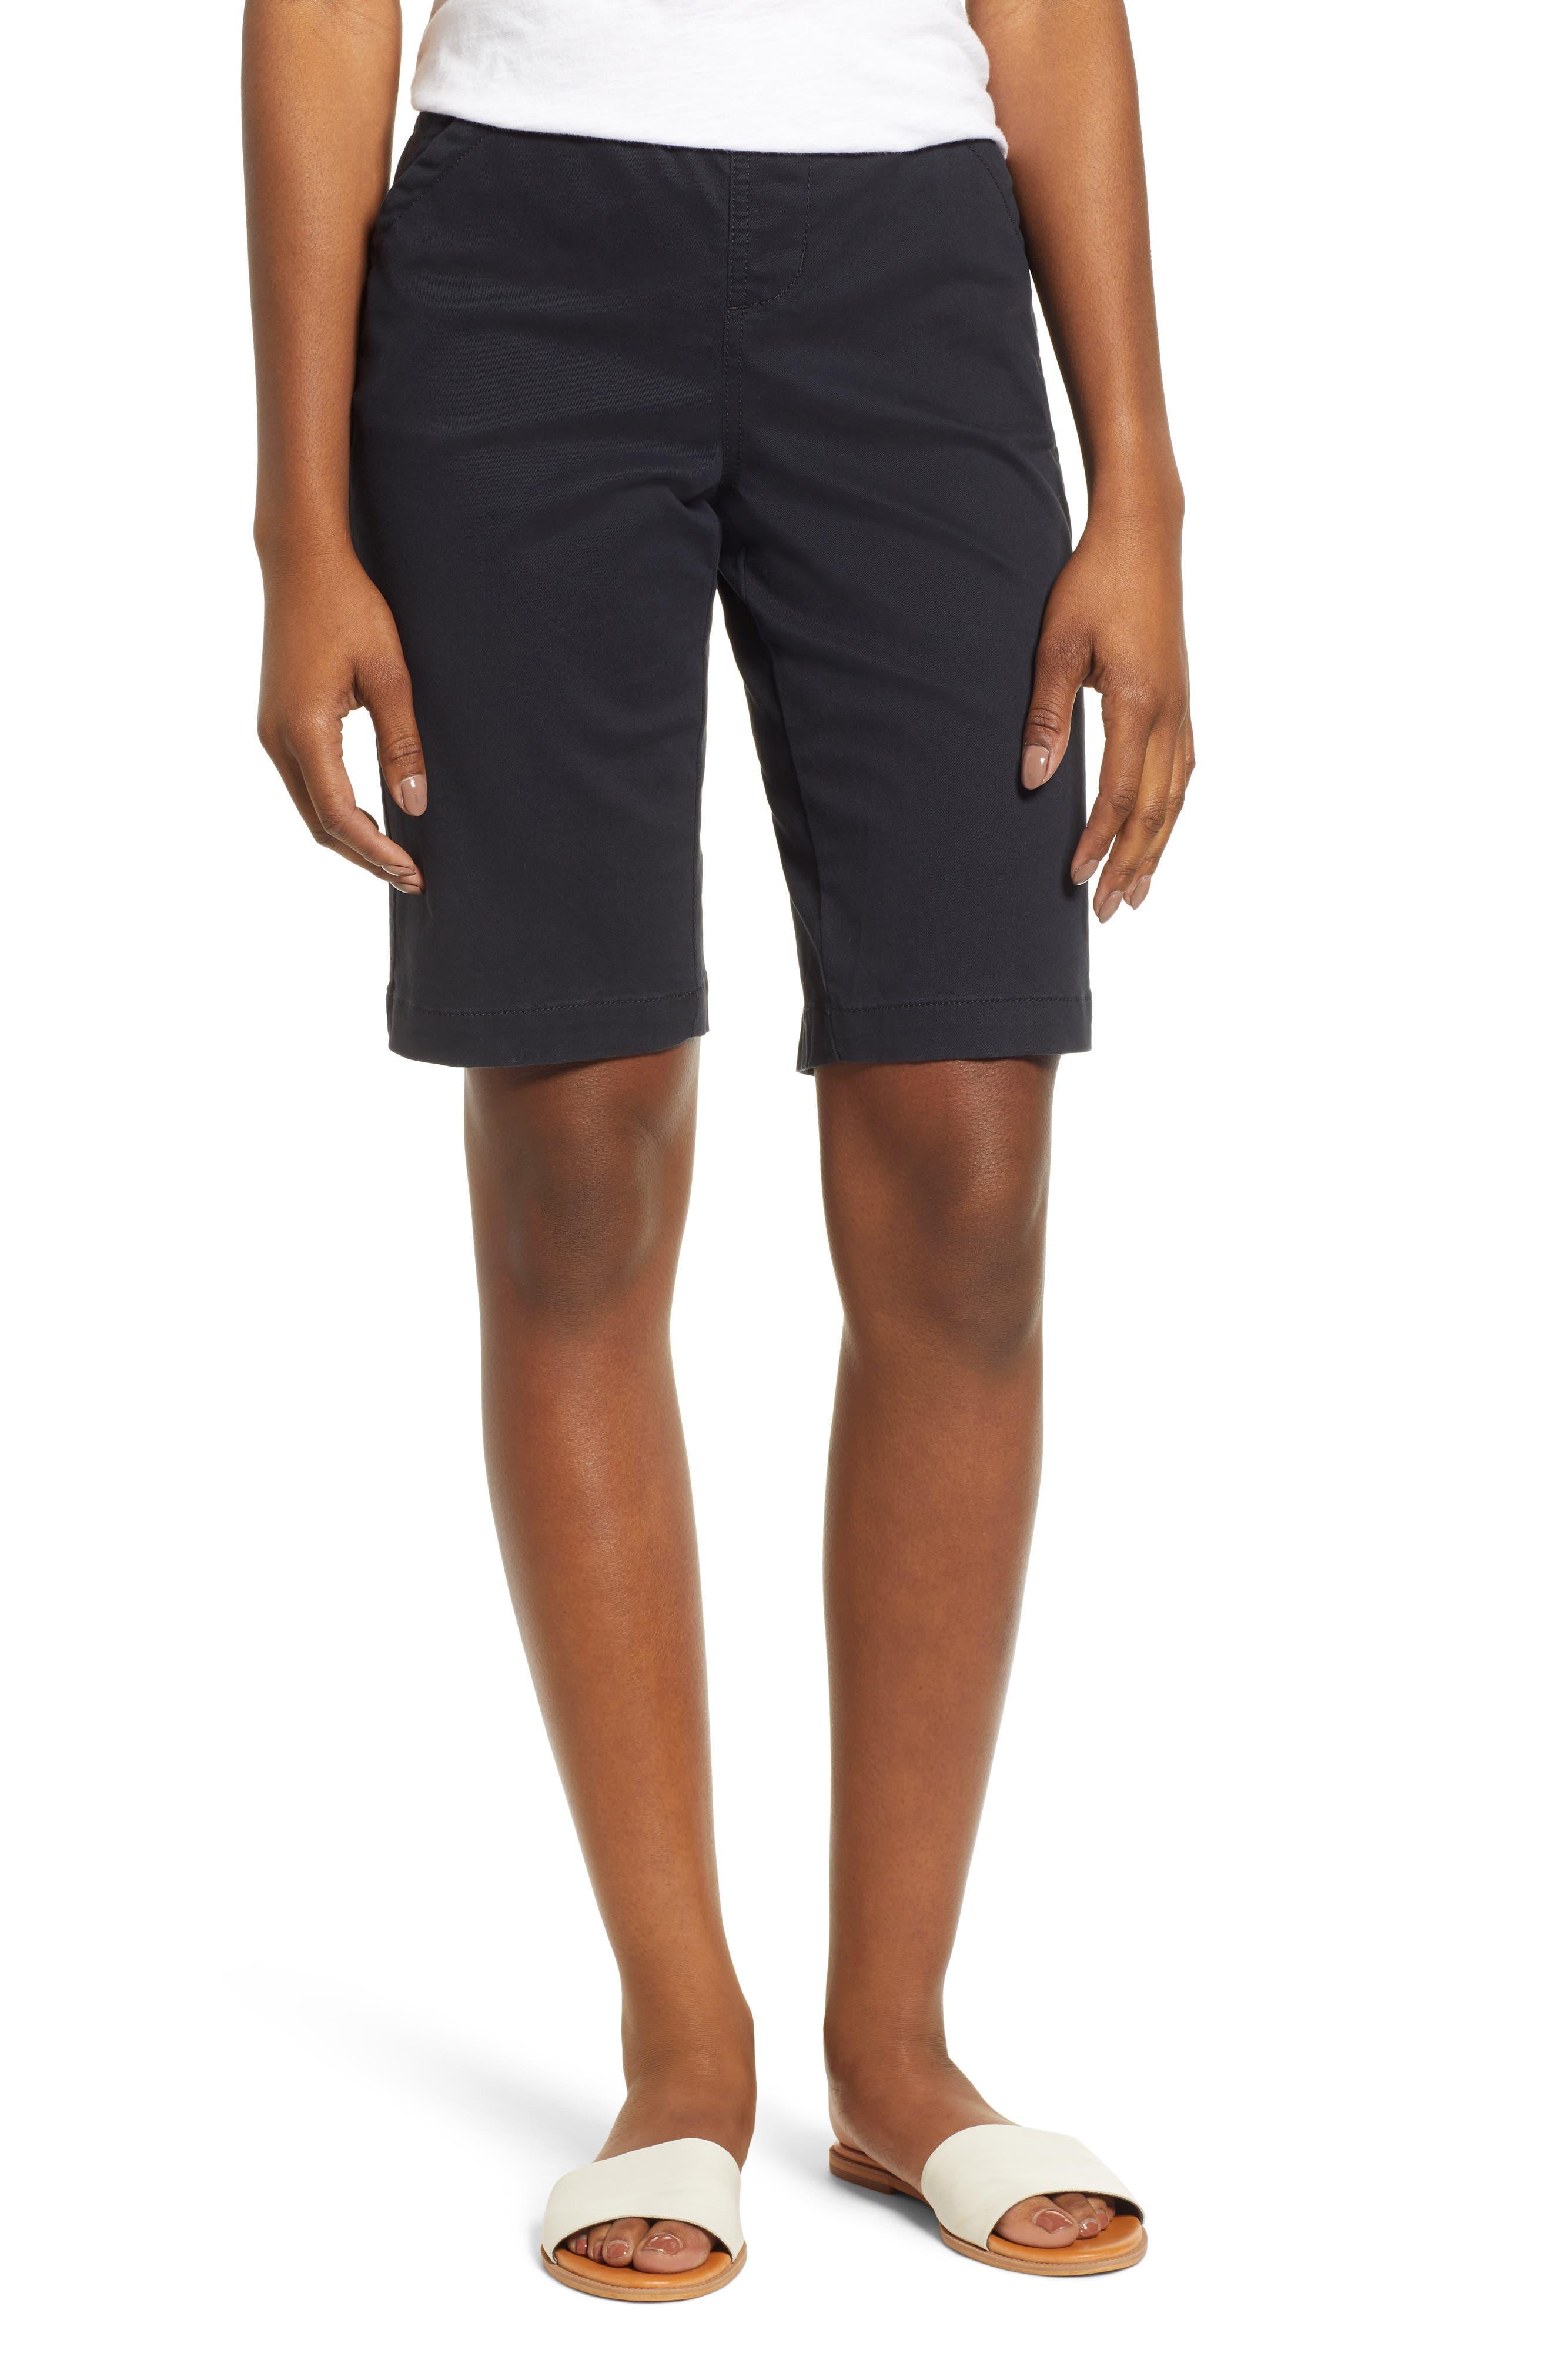 Gracie Bermuda Shorts,                             Main thumbnail 1, color,                             BLACK